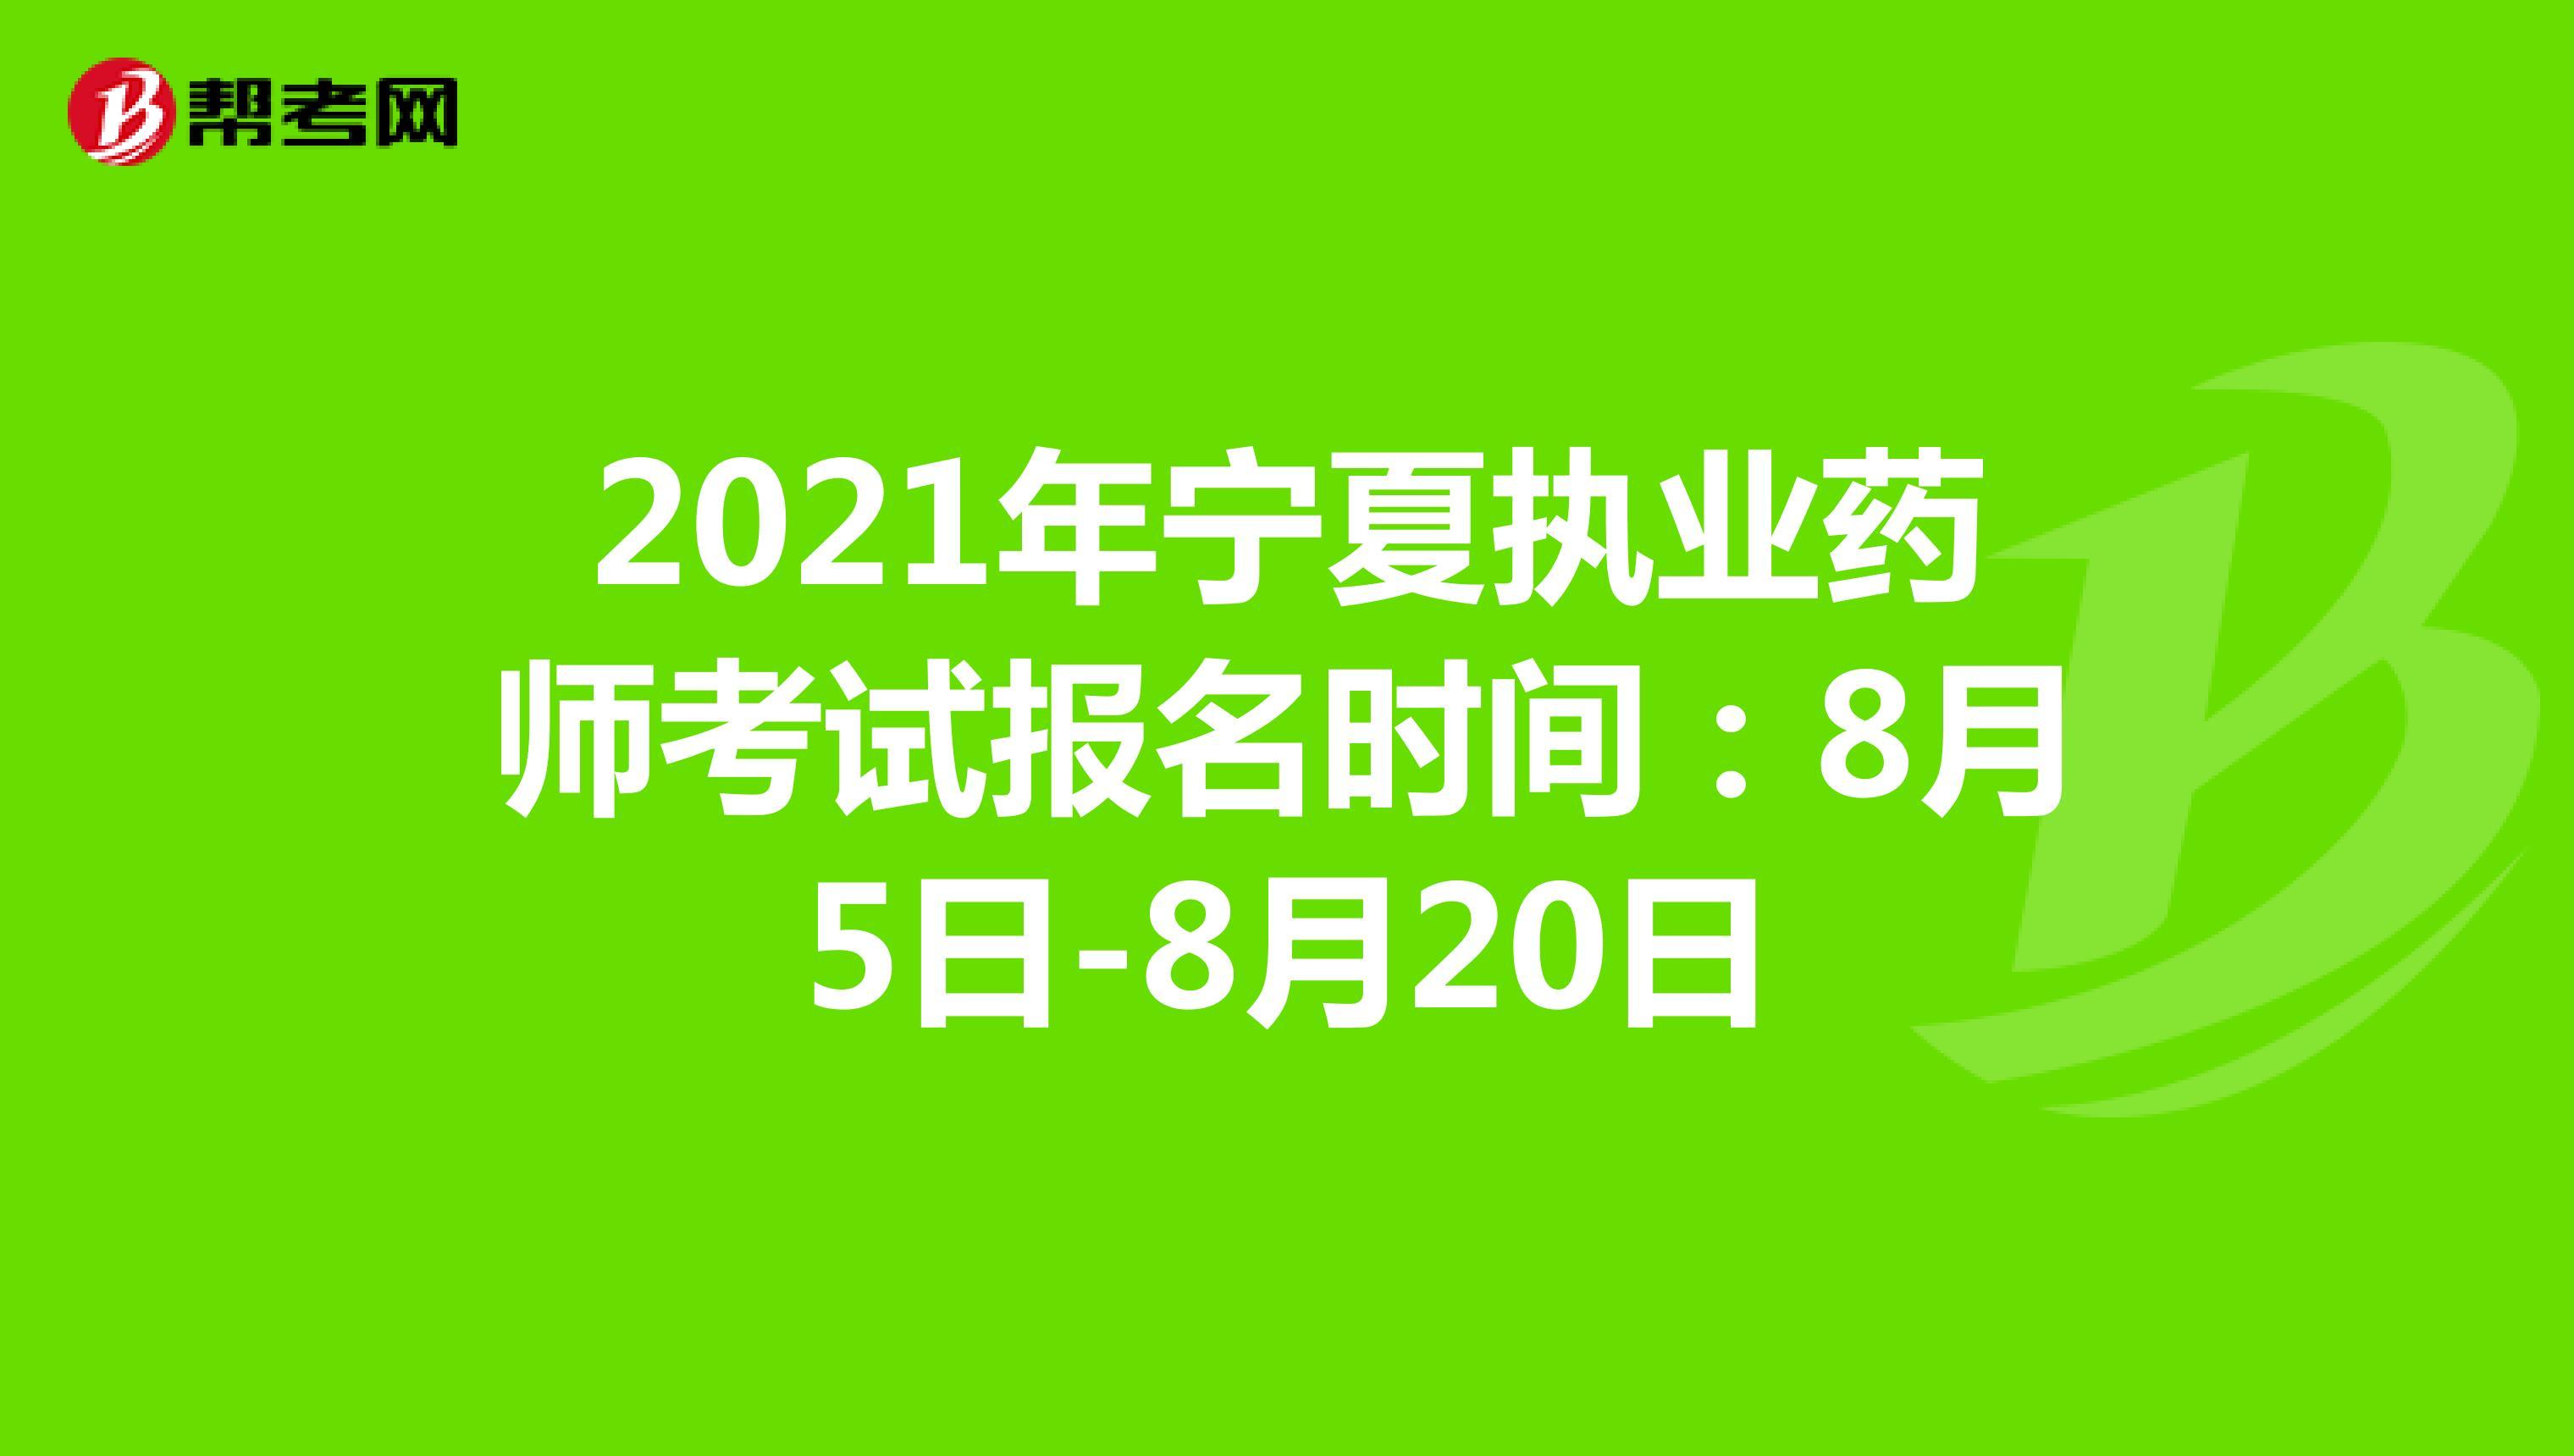 2021年宁夏执业药师考试报名时间:8月5日-8月20日